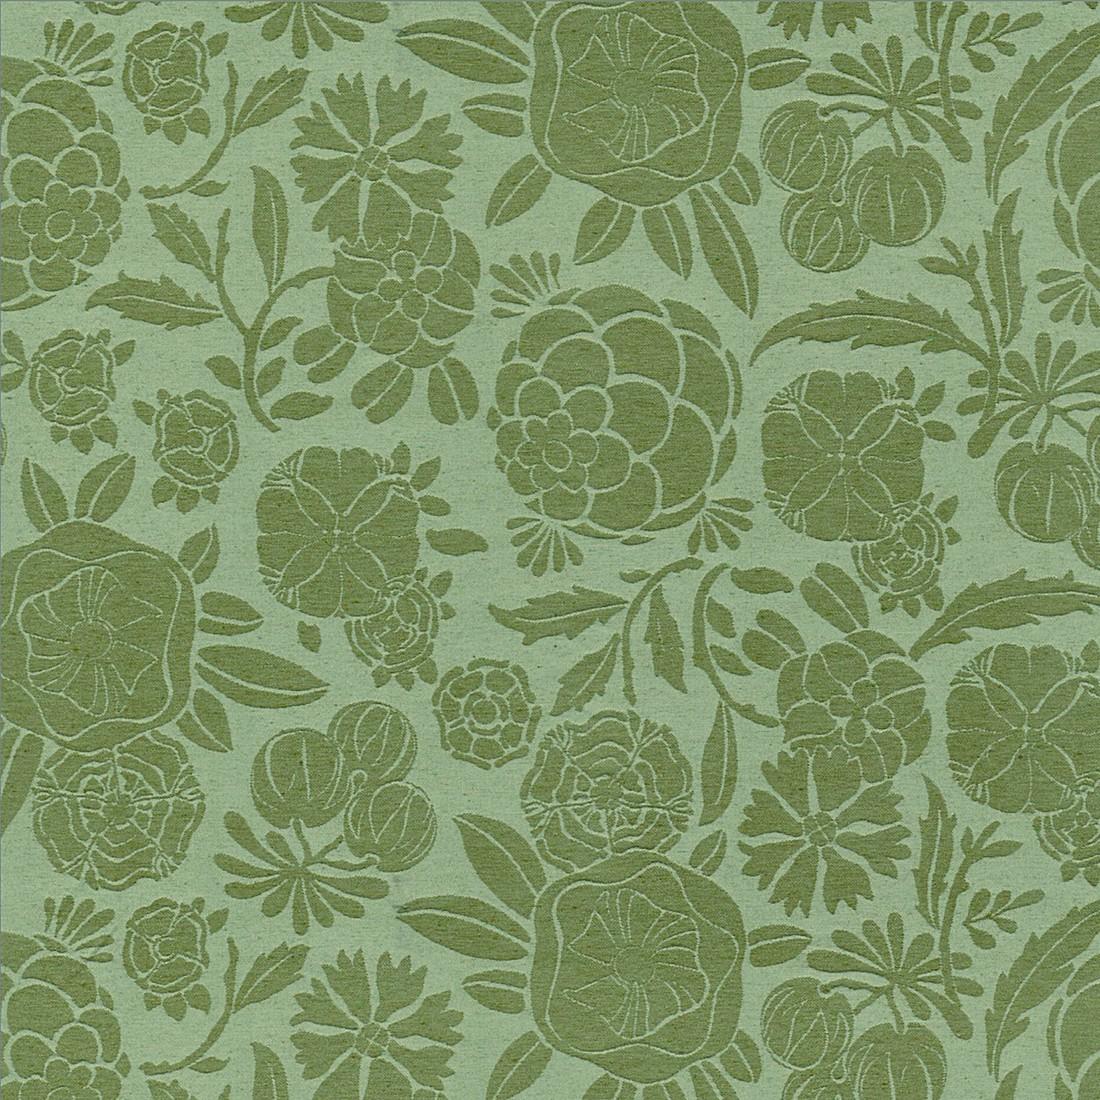 Tischdecke Flores – Grün – 160 x 260 cm, Villeroy&Boch günstig bestellen